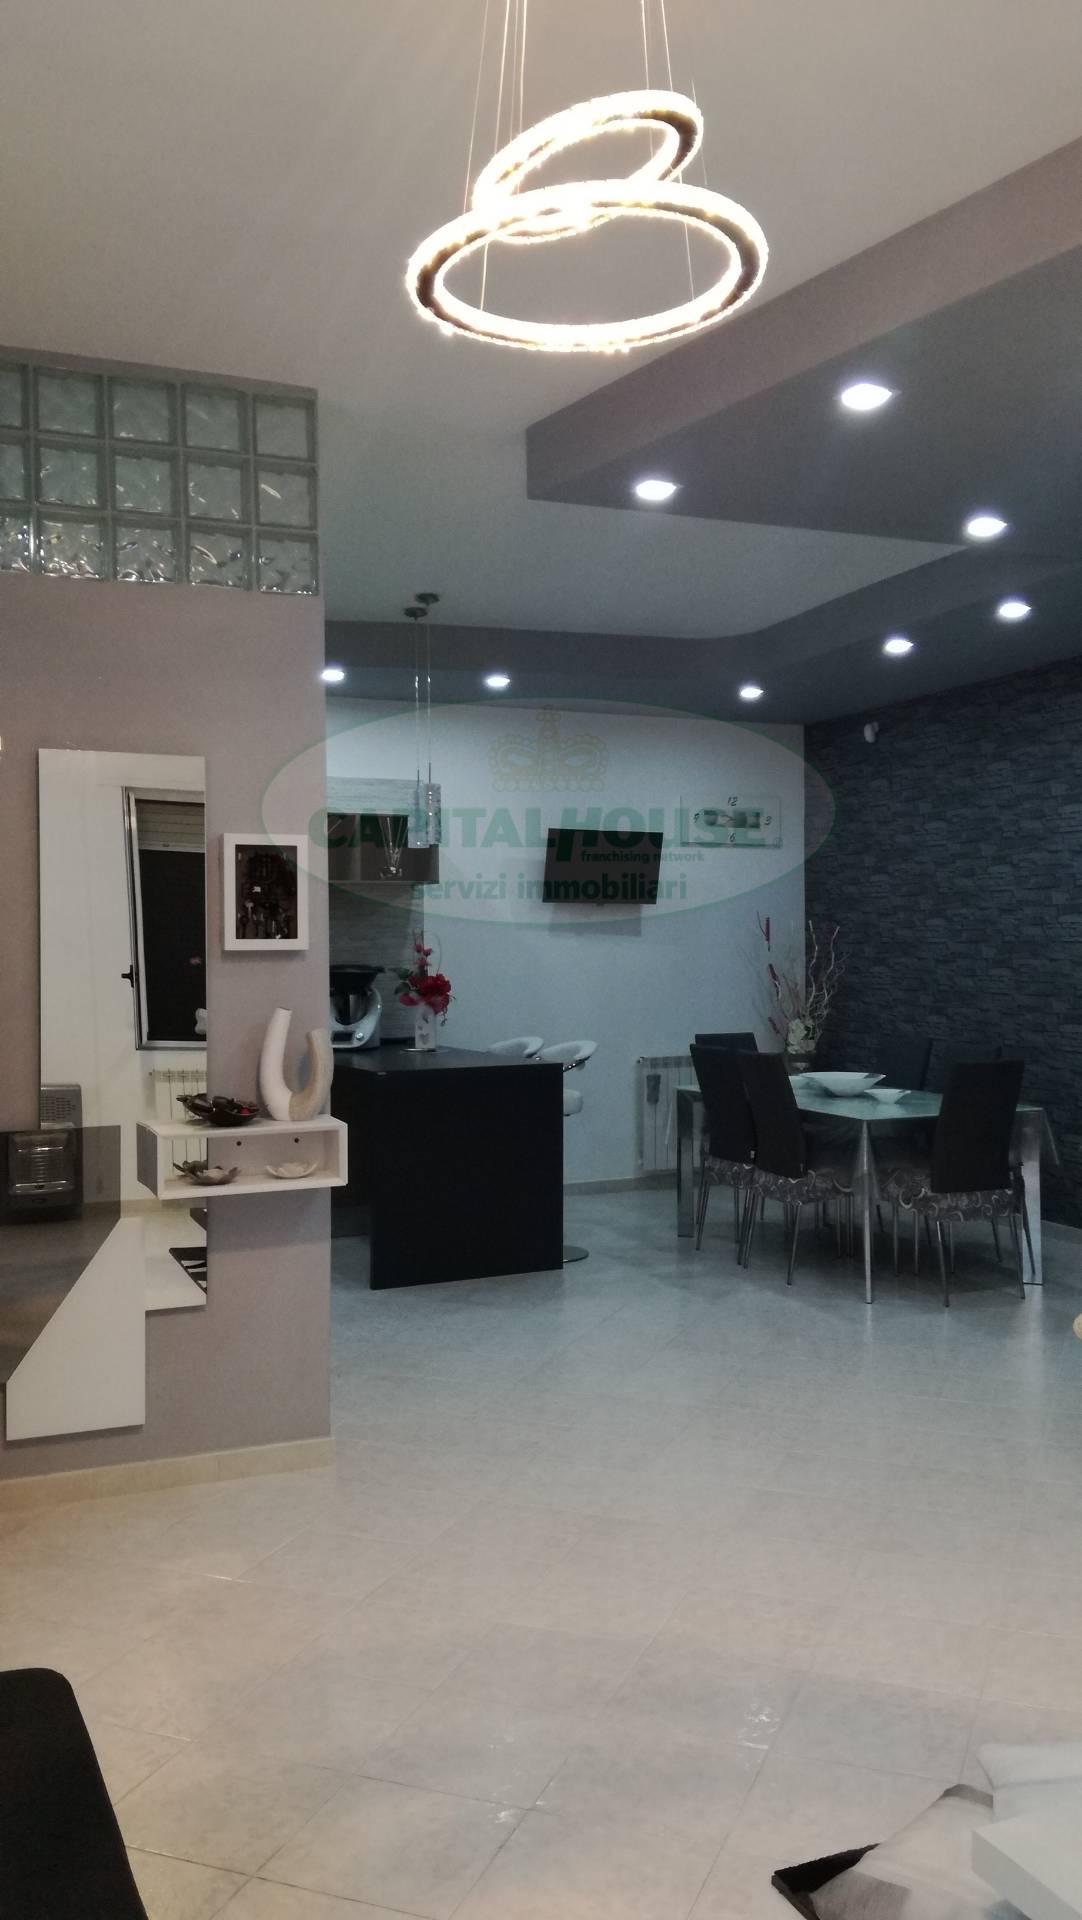 Appartamento in vendita a Macerata Campania, 4 locali, zona Zona: Casalba, prezzo € 115.000 | CambioCasa.it